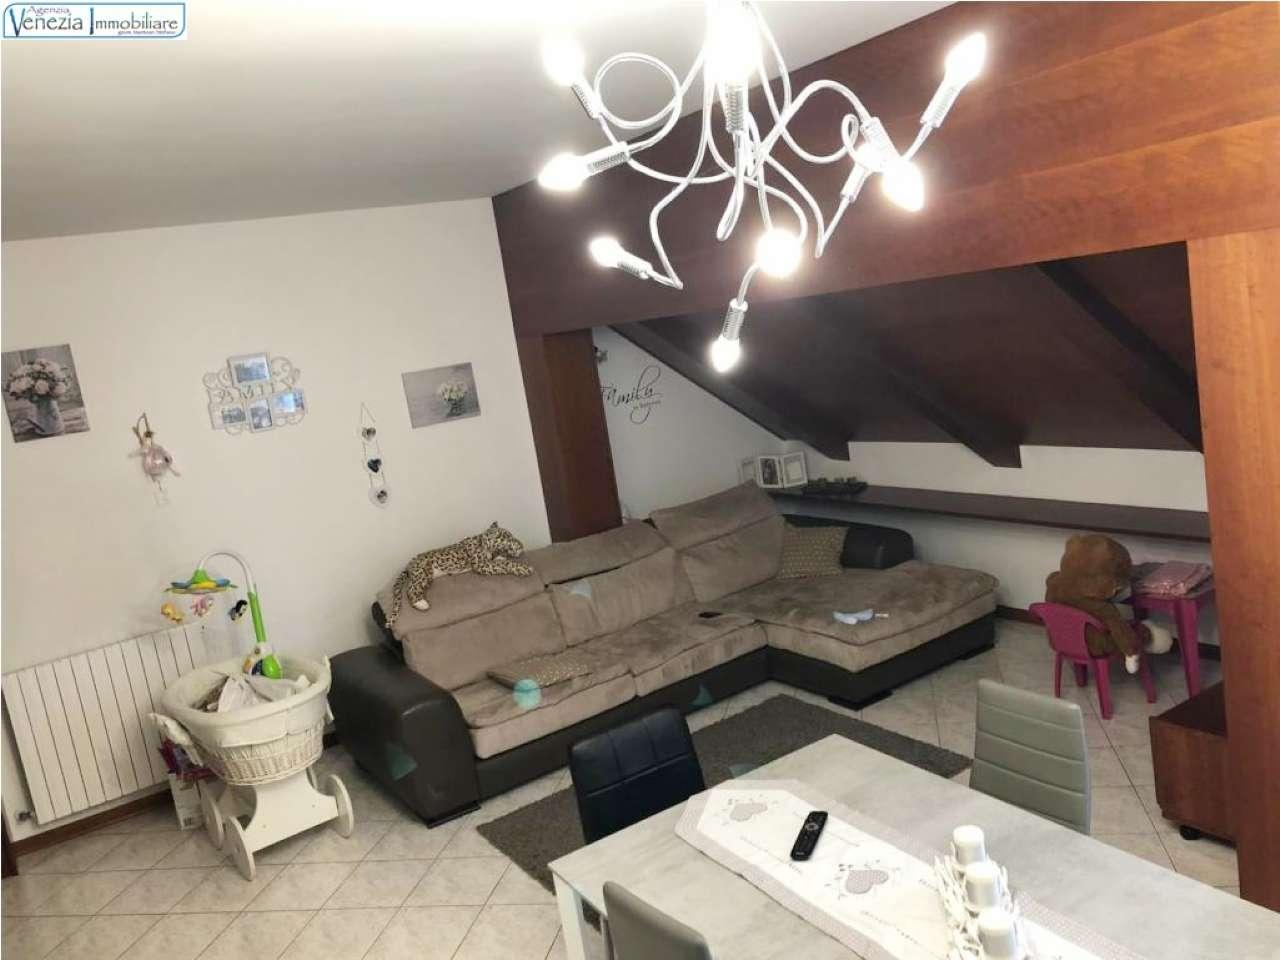 Appartamento in vendita a Chioggia, 6 locali, prezzo € 185.000 | PortaleAgenzieImmobiliari.it